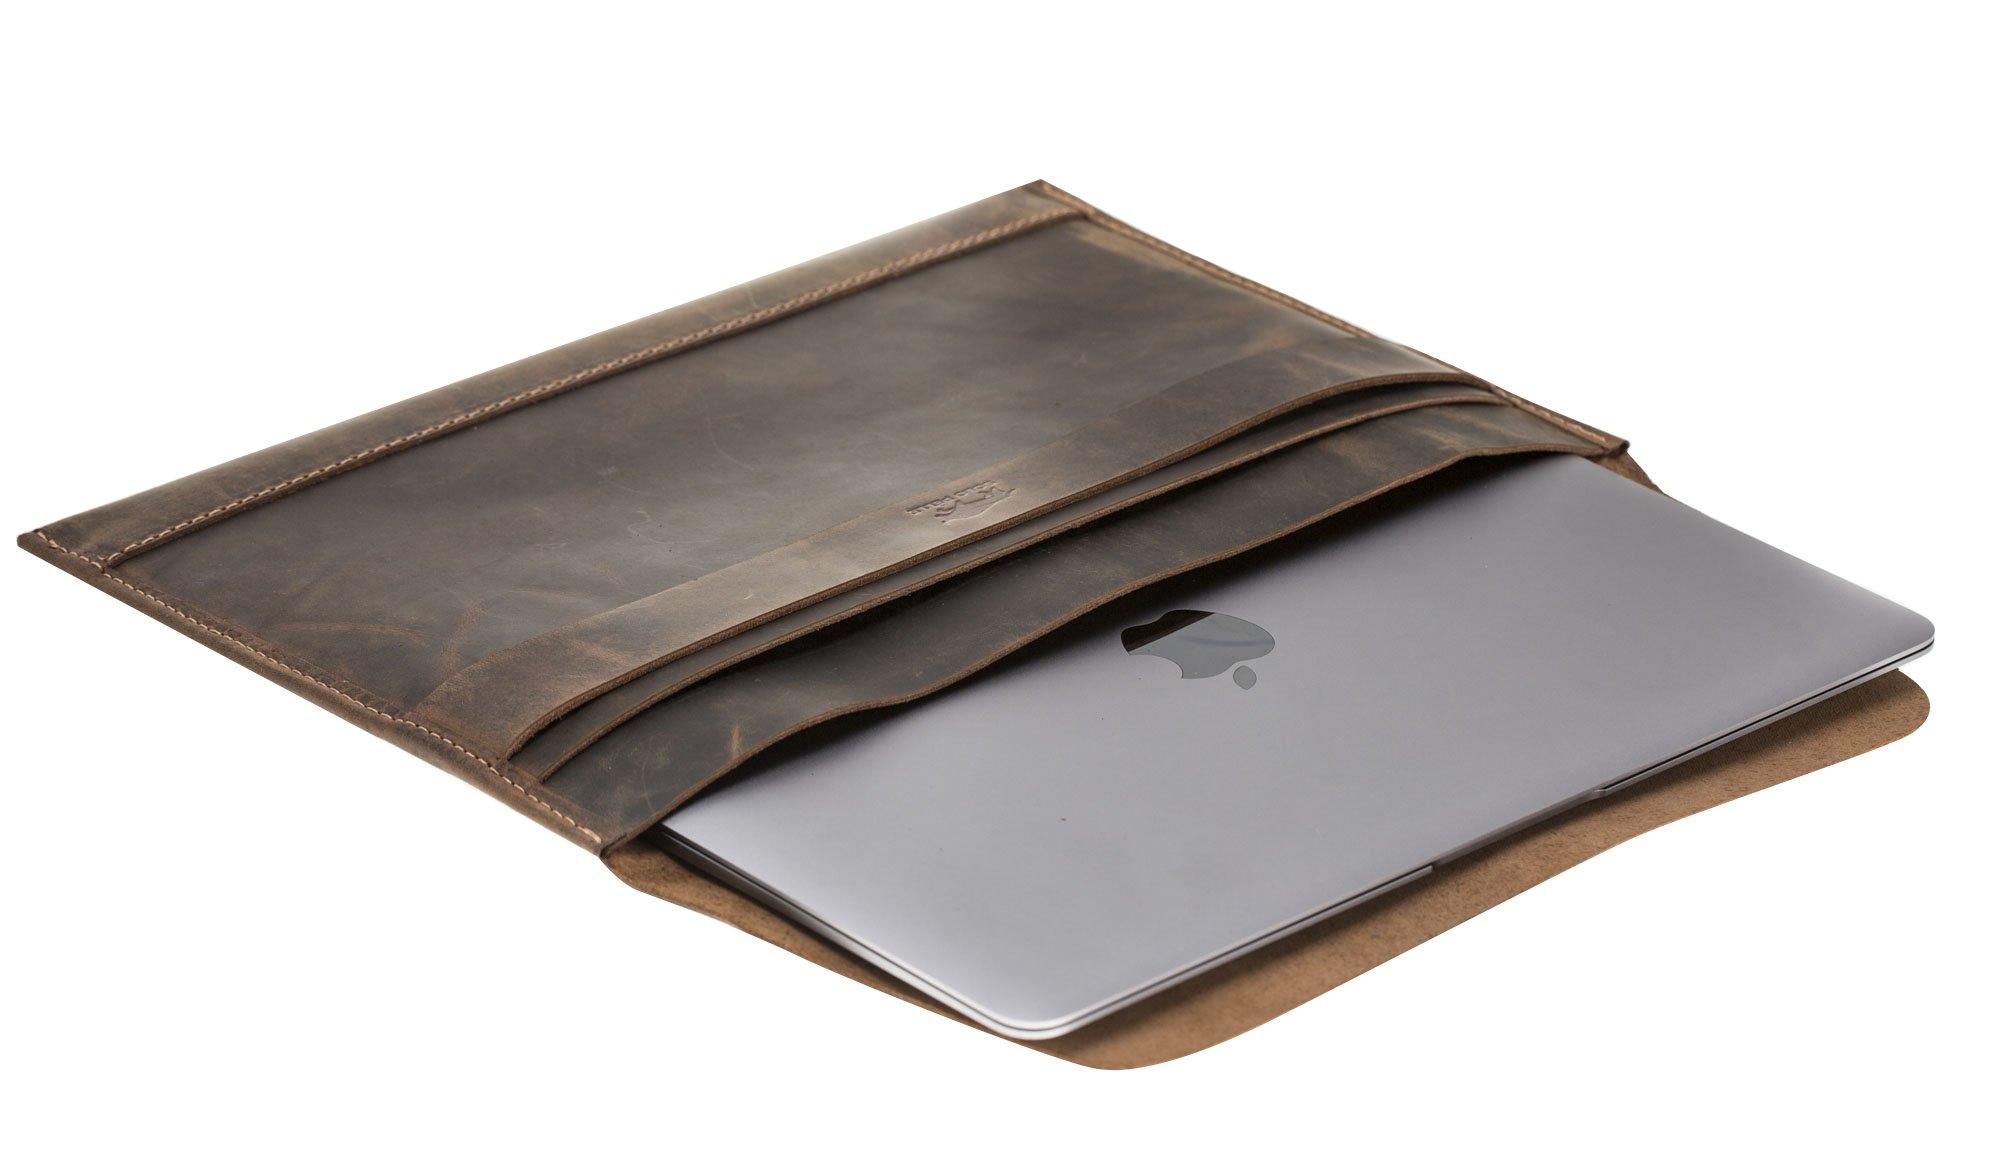 Ledertasche für`s MacBook Air 13,3 Zoll Ledertasche MacBook Pro 13 Zoll Ipad Pro 12,9 Zoll